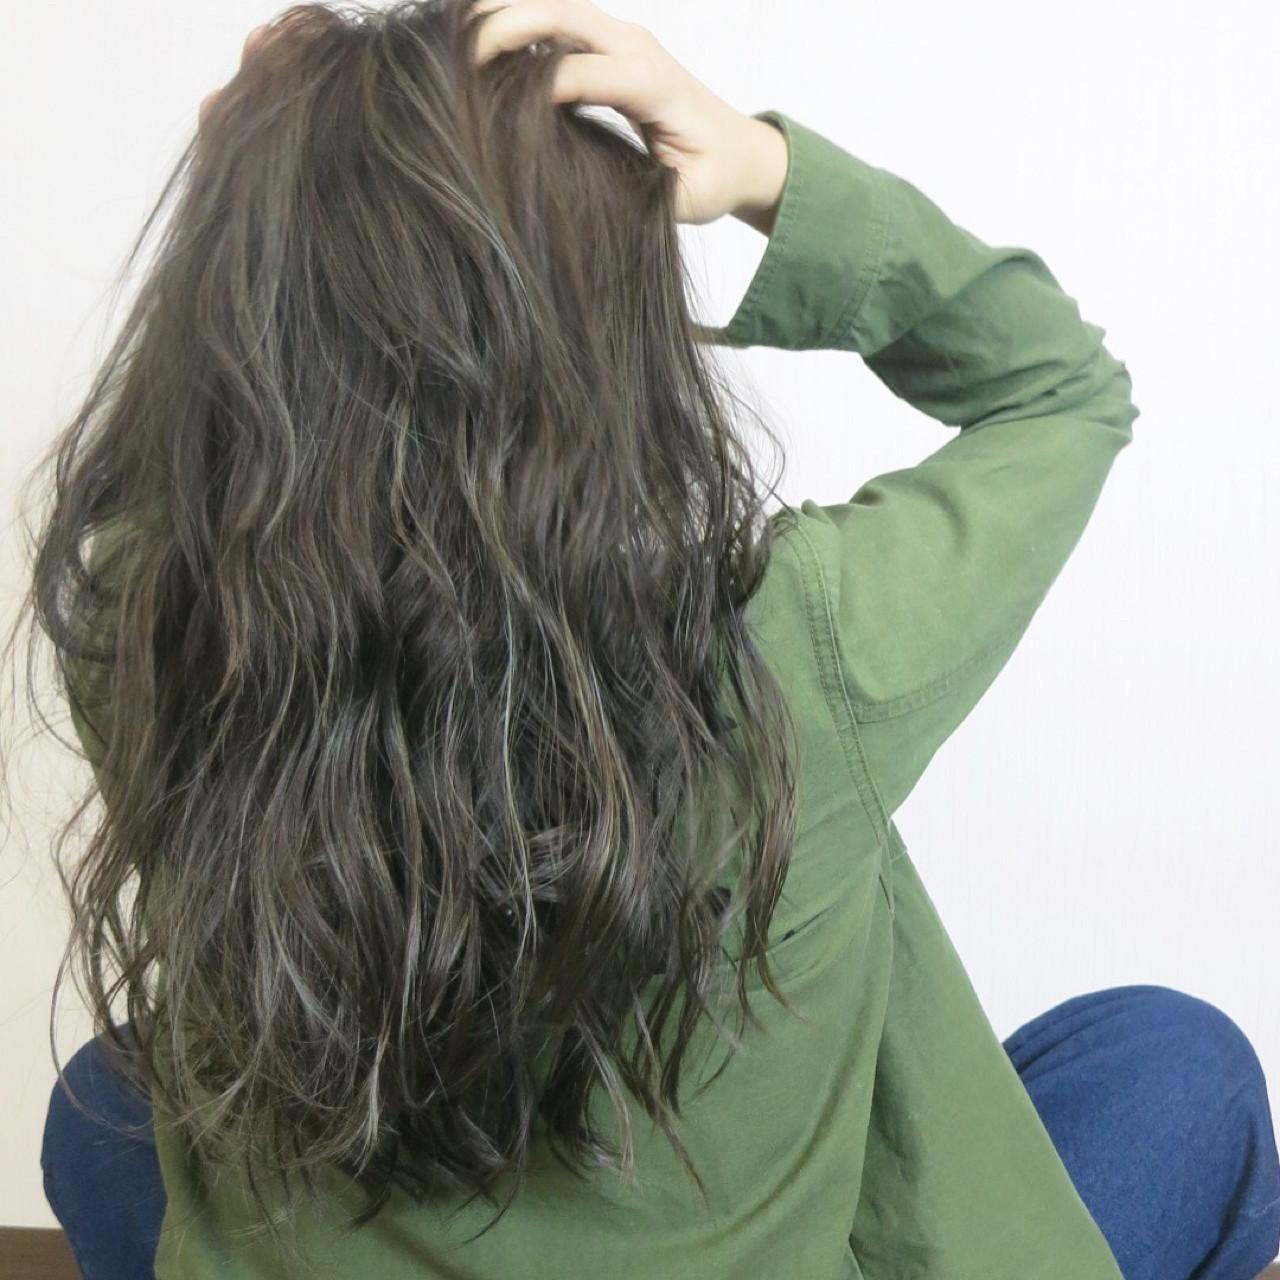 モード ロング ハイライト 外国人風ヘアスタイルや髪型の写真・画像